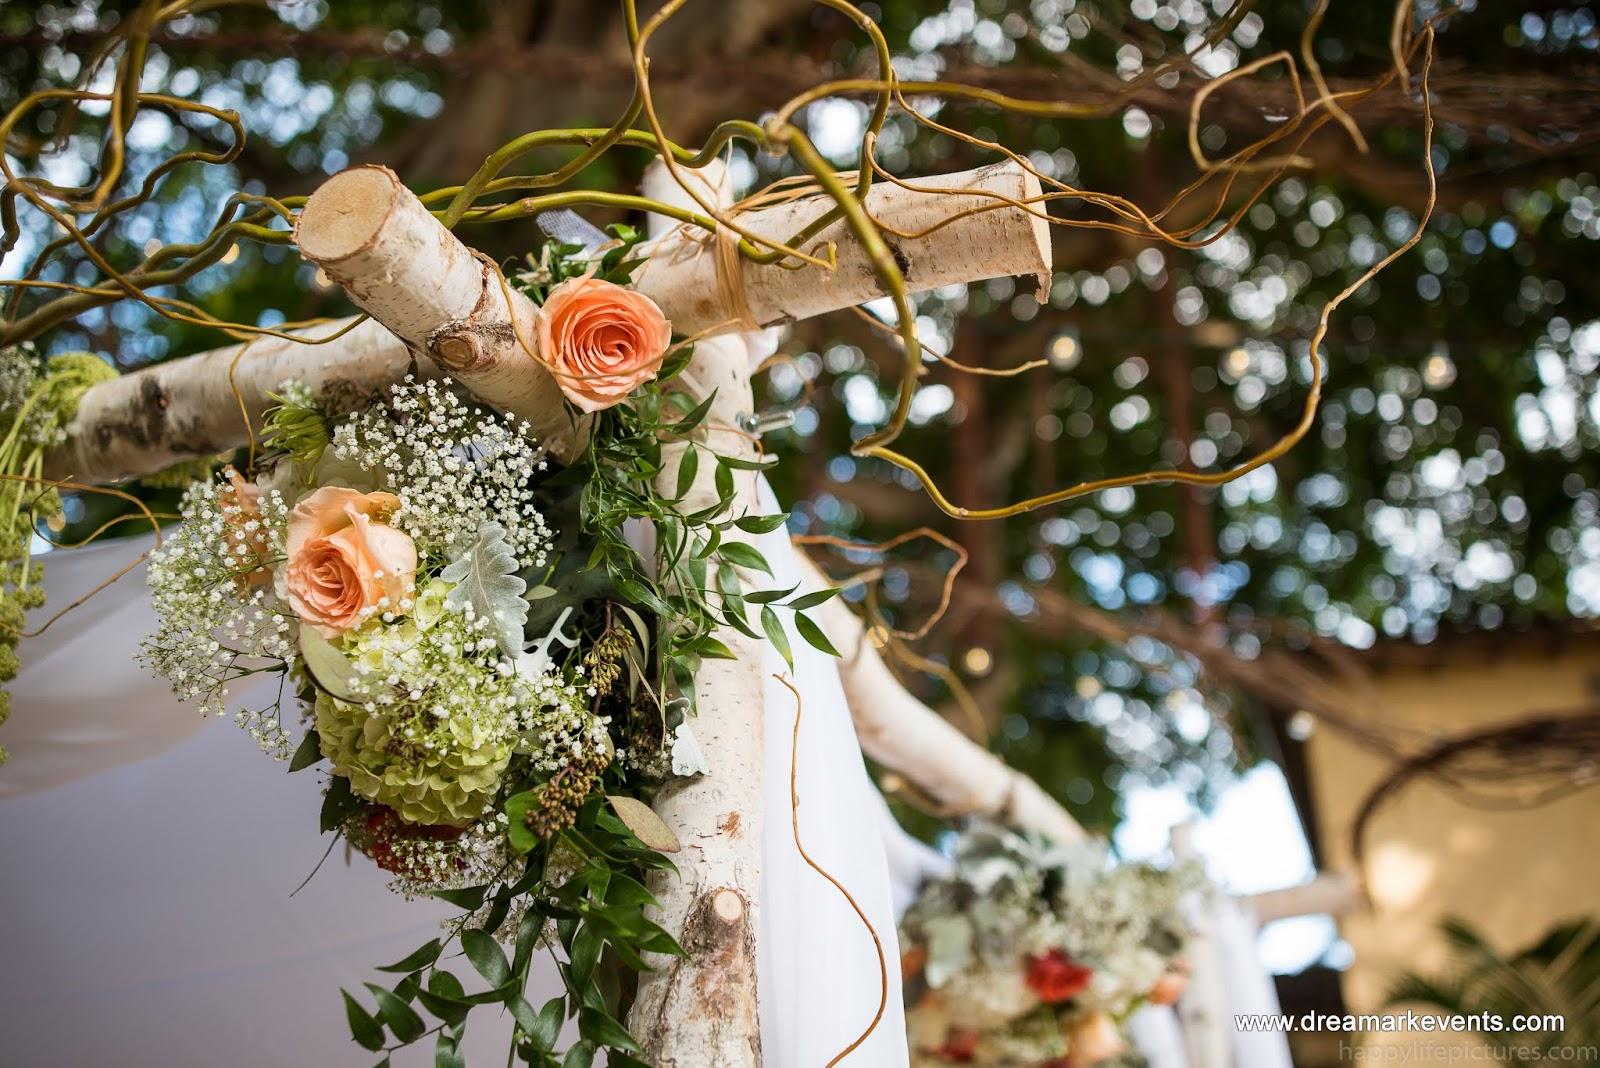 DreamARK Events Blog: Rustic Style Wedding decoration. Vintage-Vintage!!!